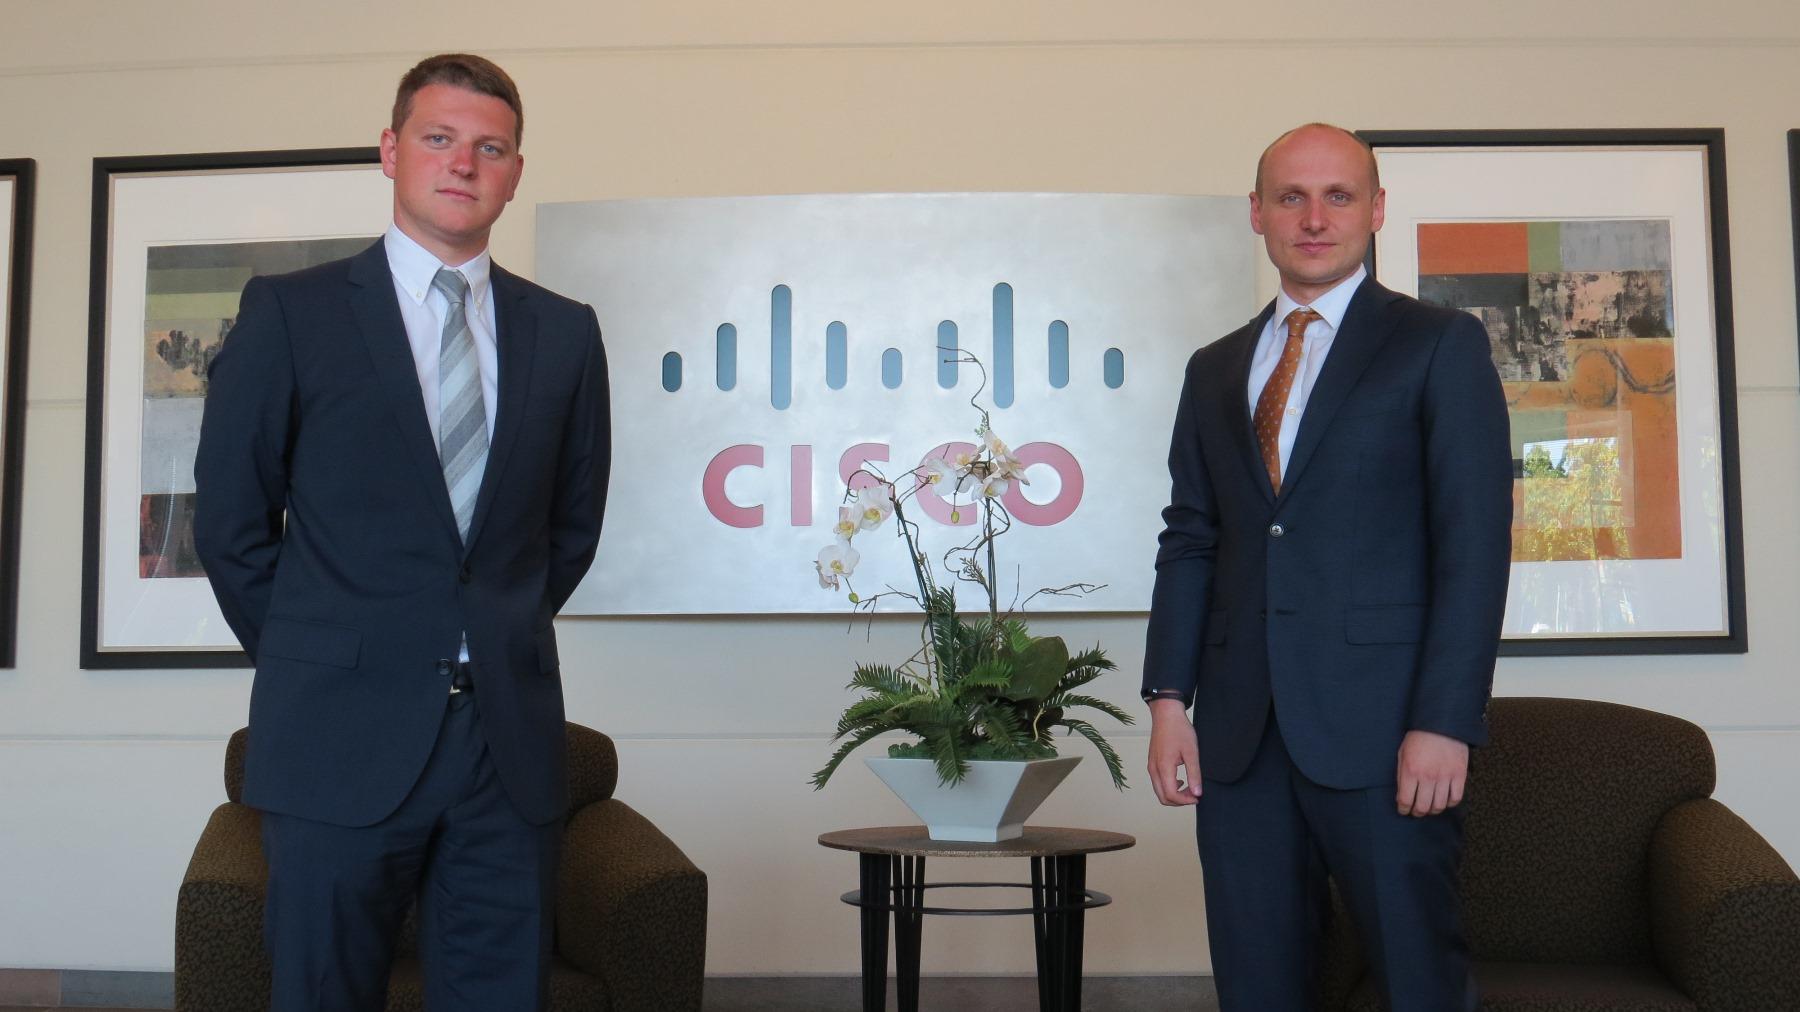 Silicio slėnyje IT specialistai iš Lietuvos aptarė debesų technologijų plėtrą